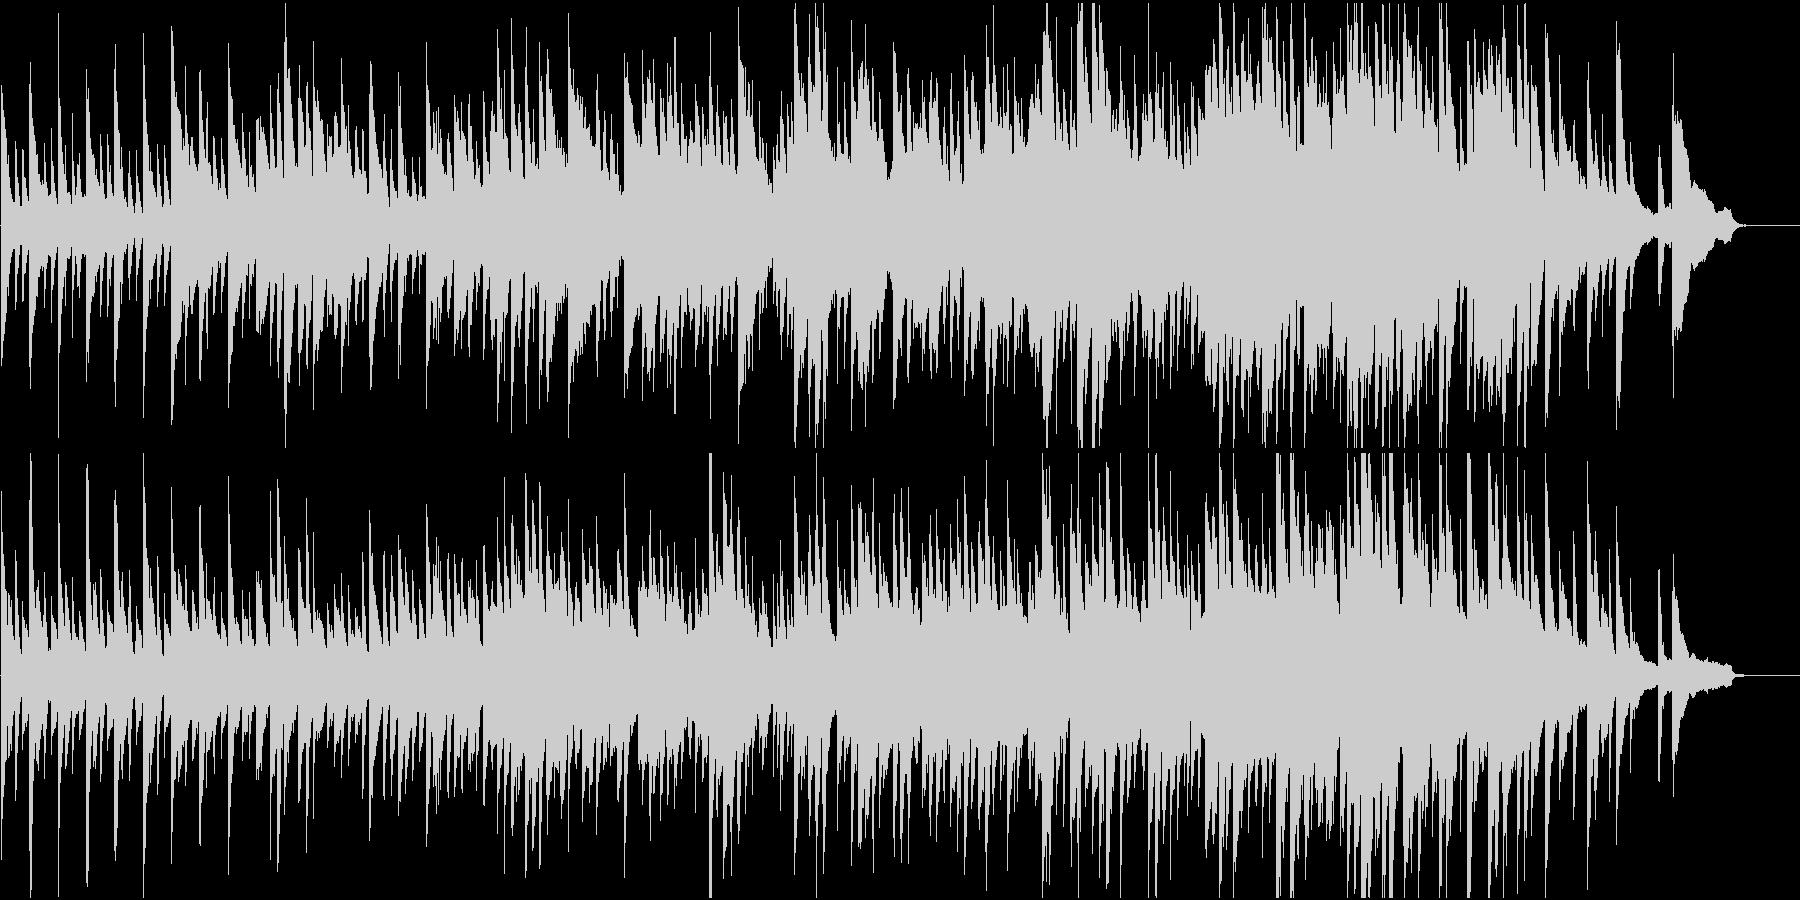 和の旋律を用いたピアノ楽曲 祝い事等にの未再生の波形